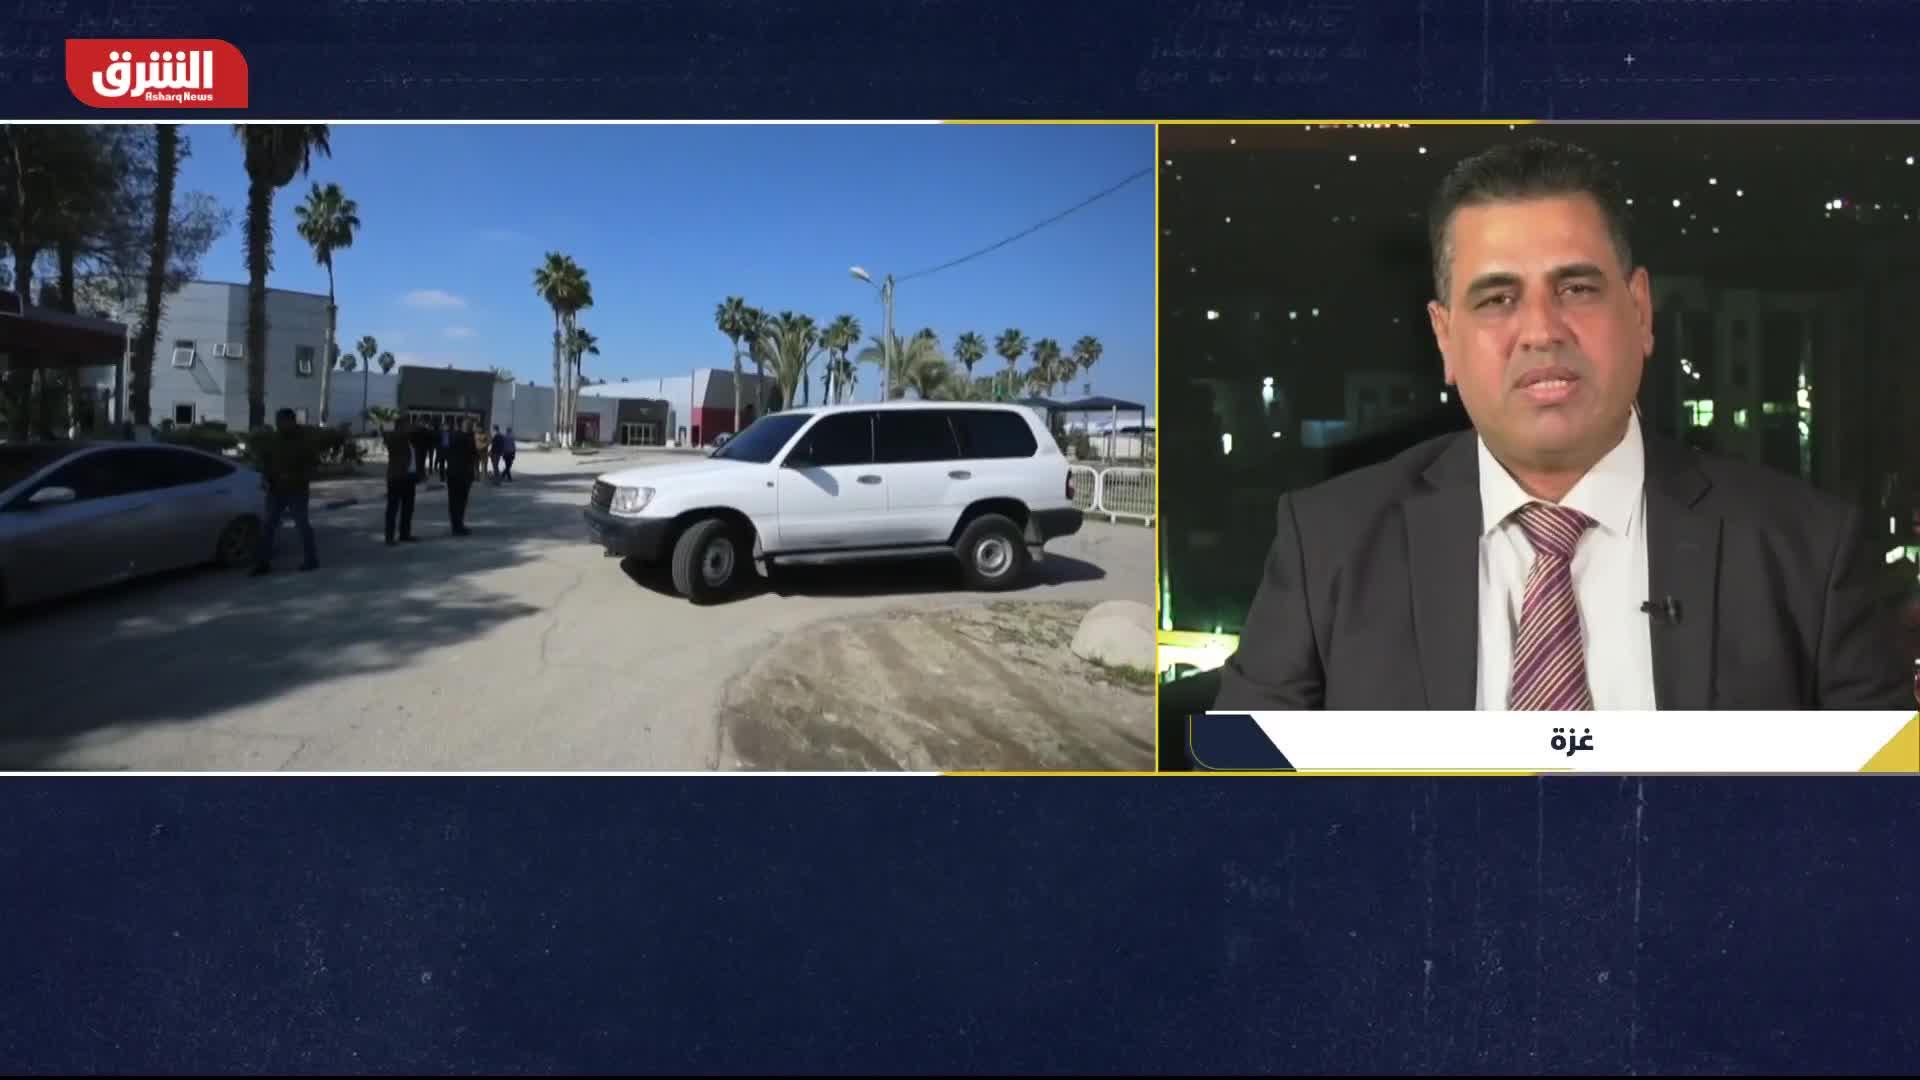 ما هي أهداف حماس التي تم التوصل إليها خلال اتفاق التهدئة مع إسرائيل؟